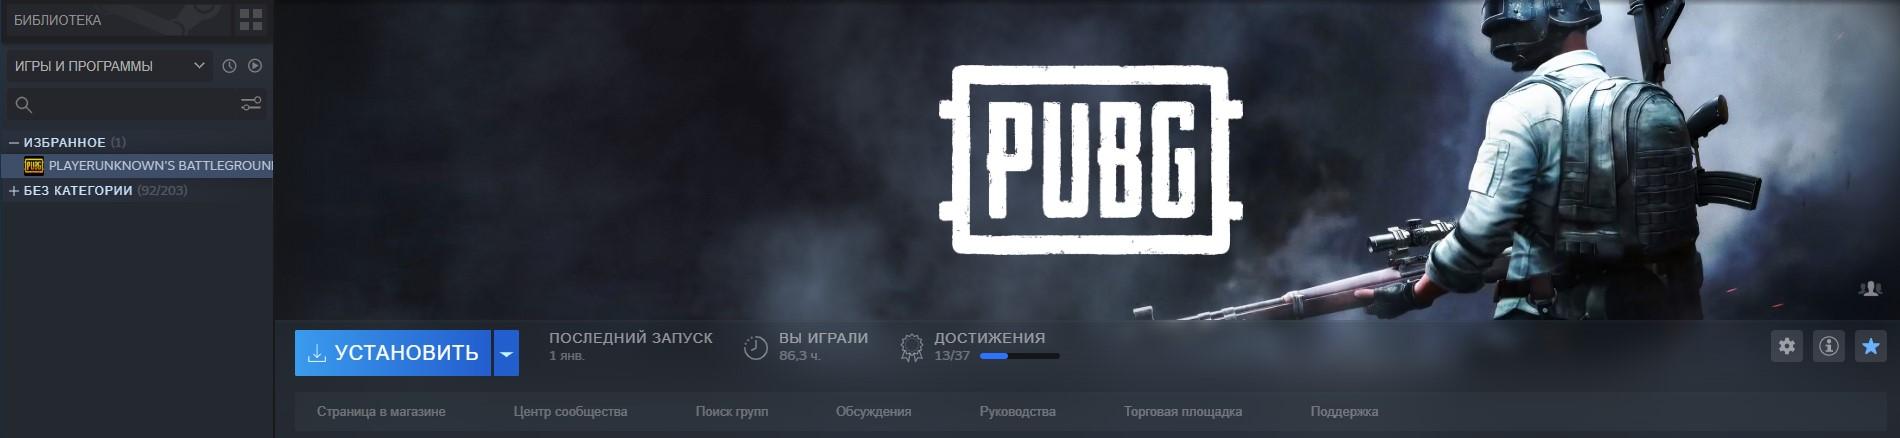 Анимированная обложка и фон PUBG в Steam